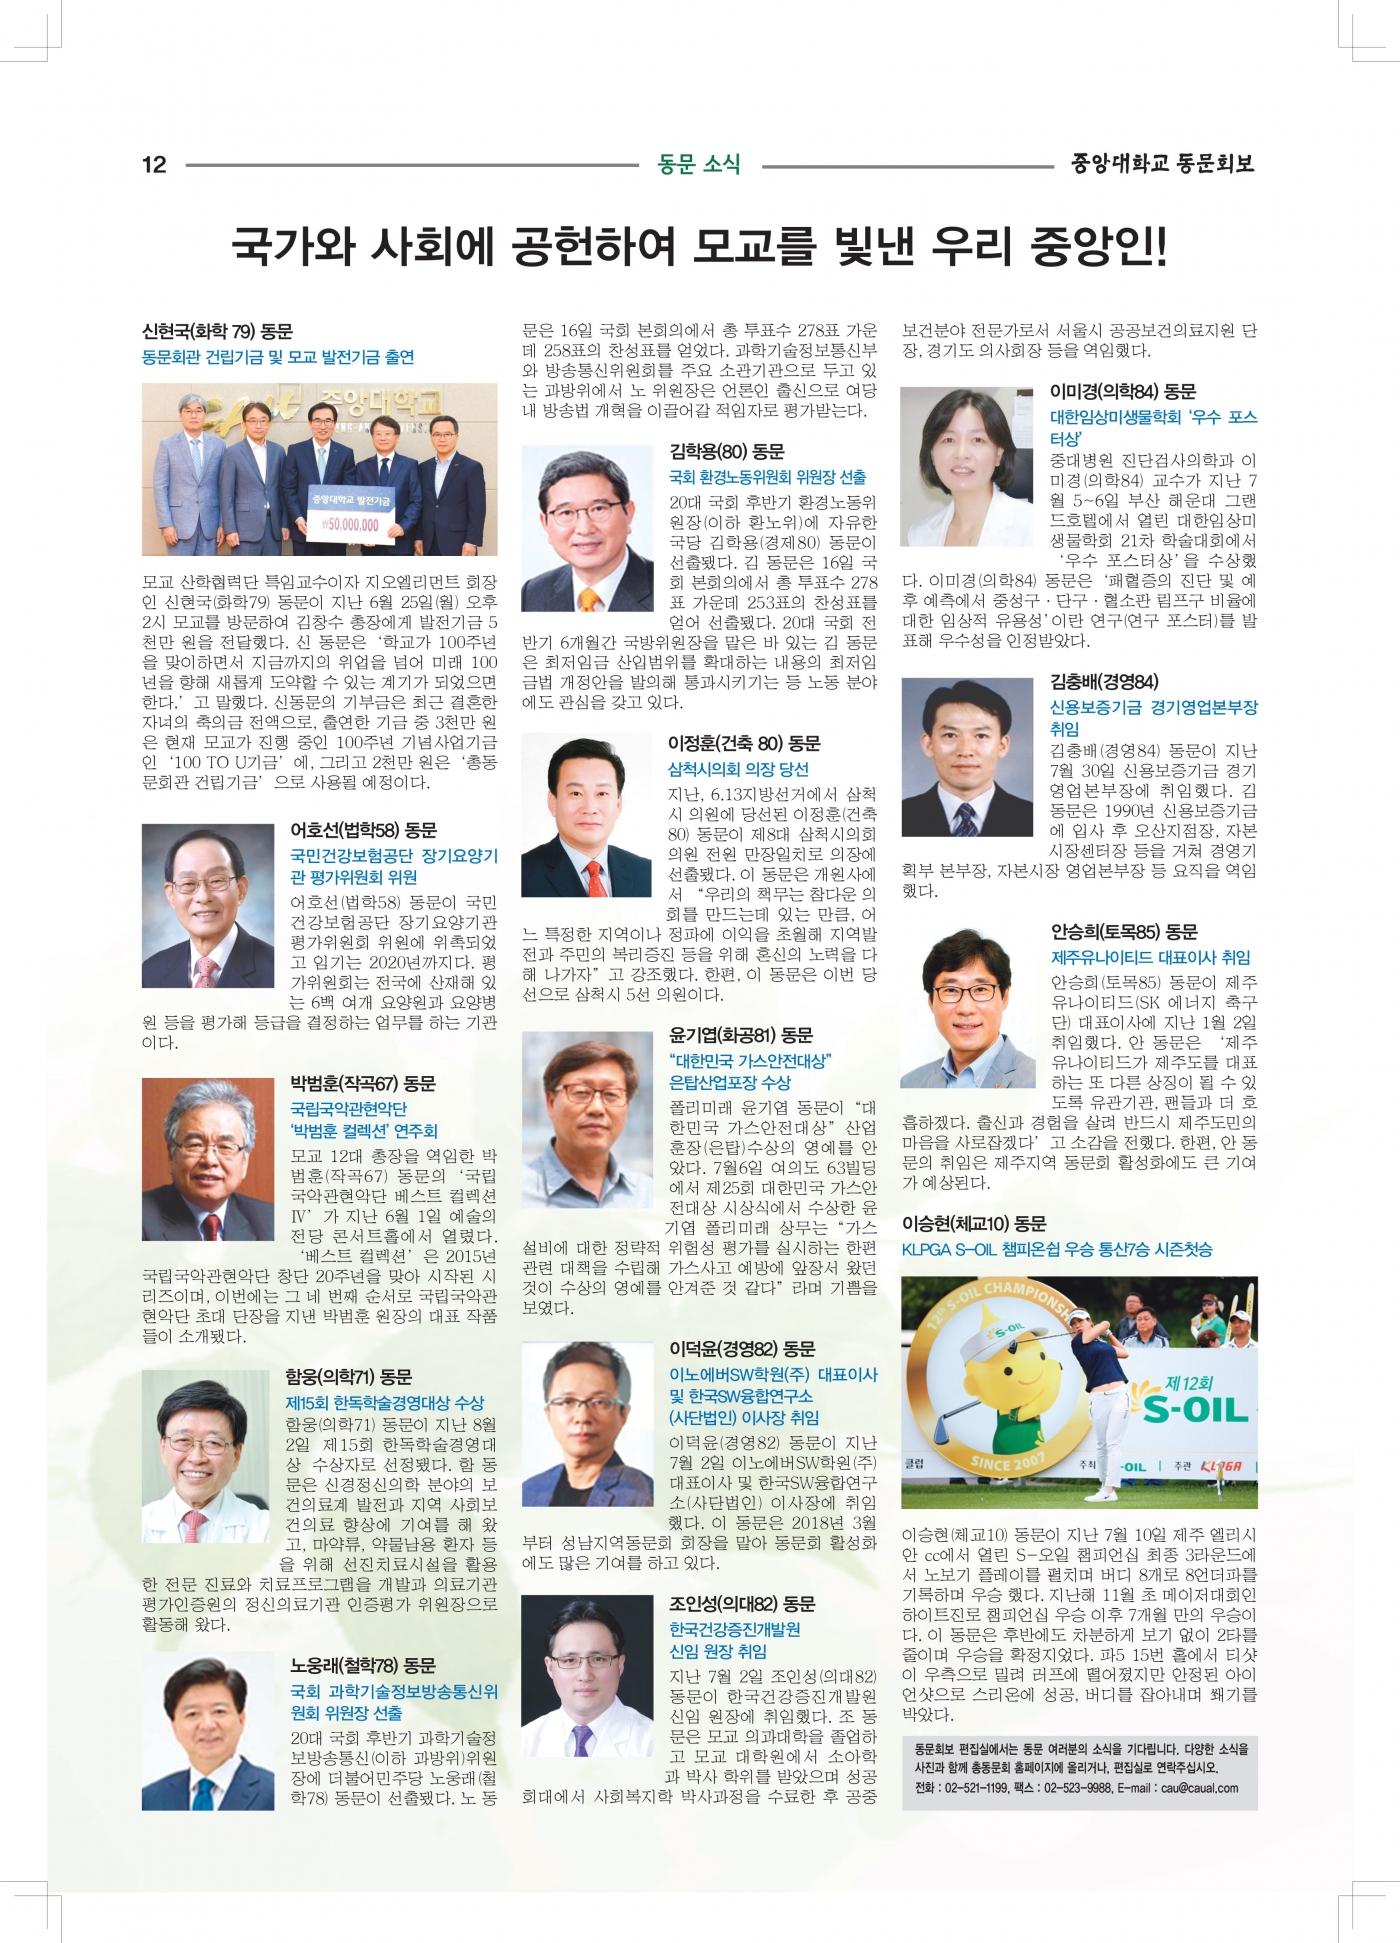 중앙대학교동문317호회보-(6)-12.jpg